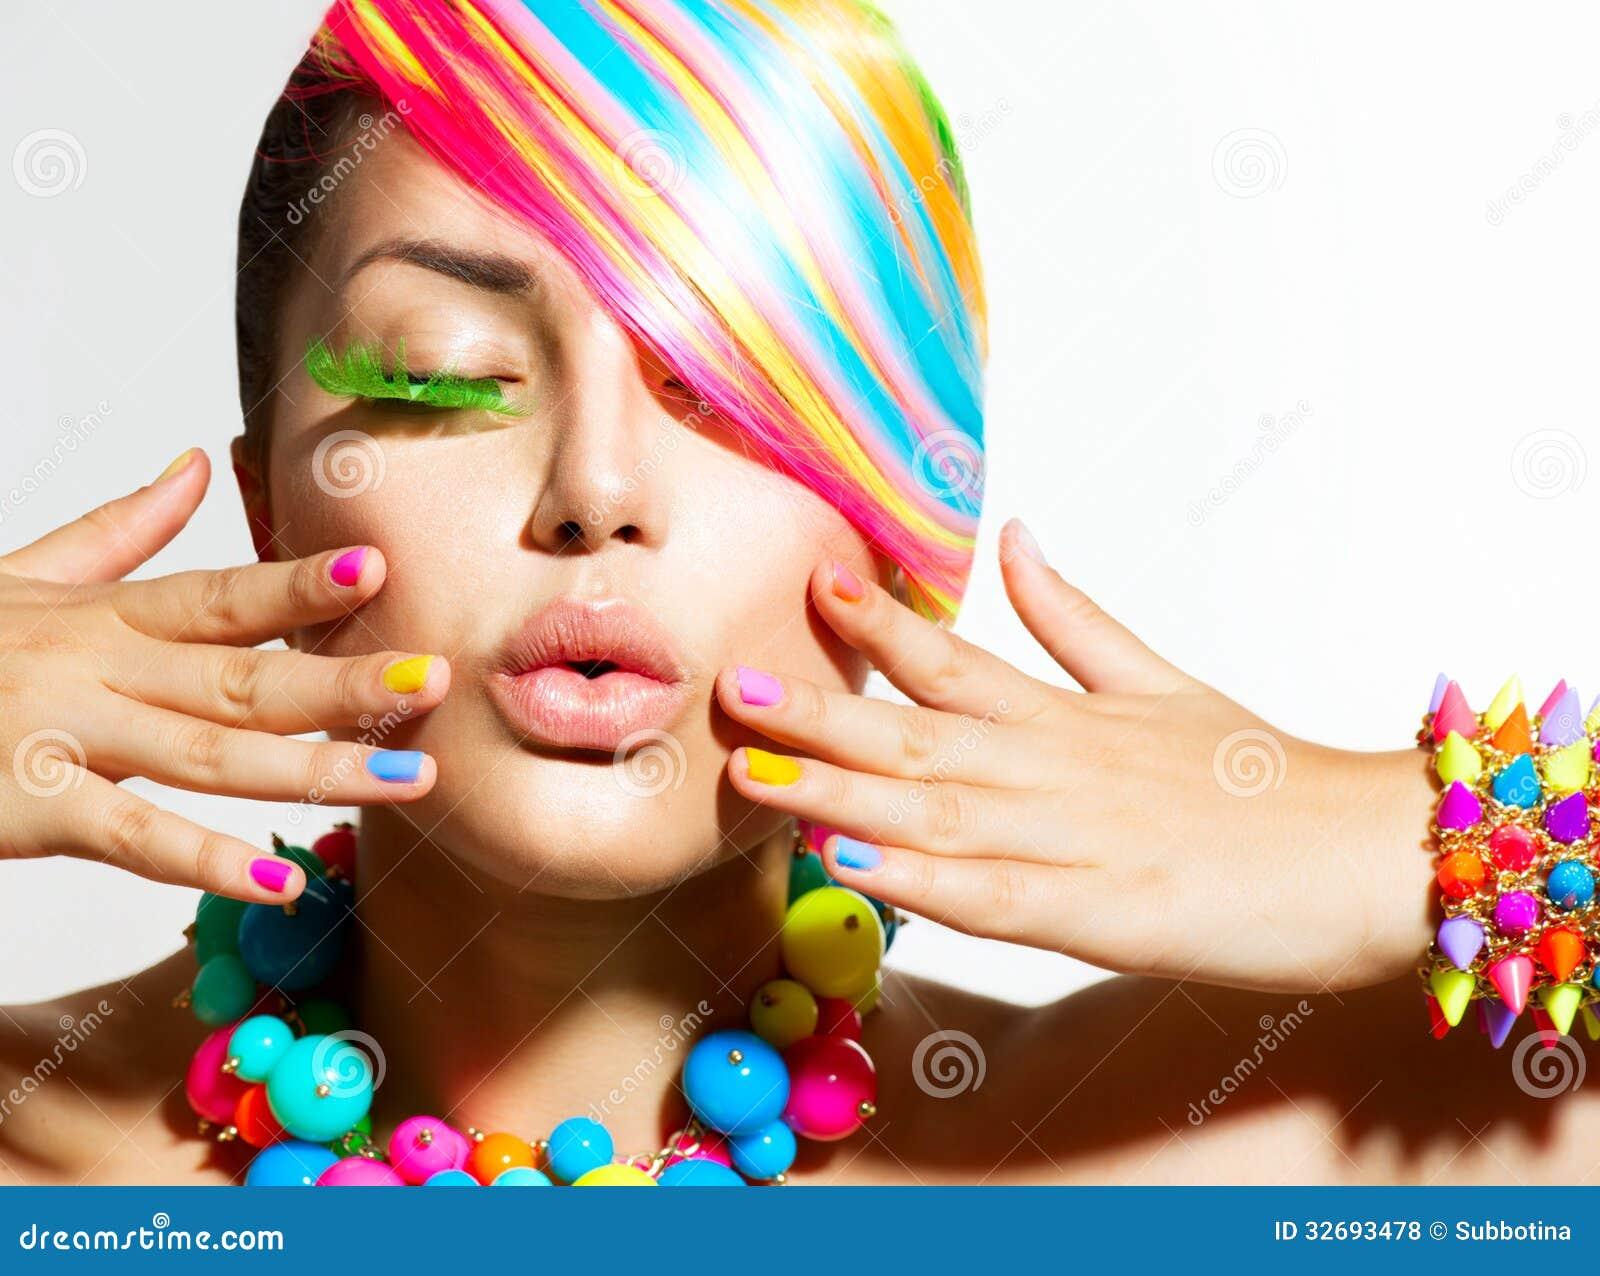 maquillage color cheveux et accessoires photos libres de droits - Colori Maquillage